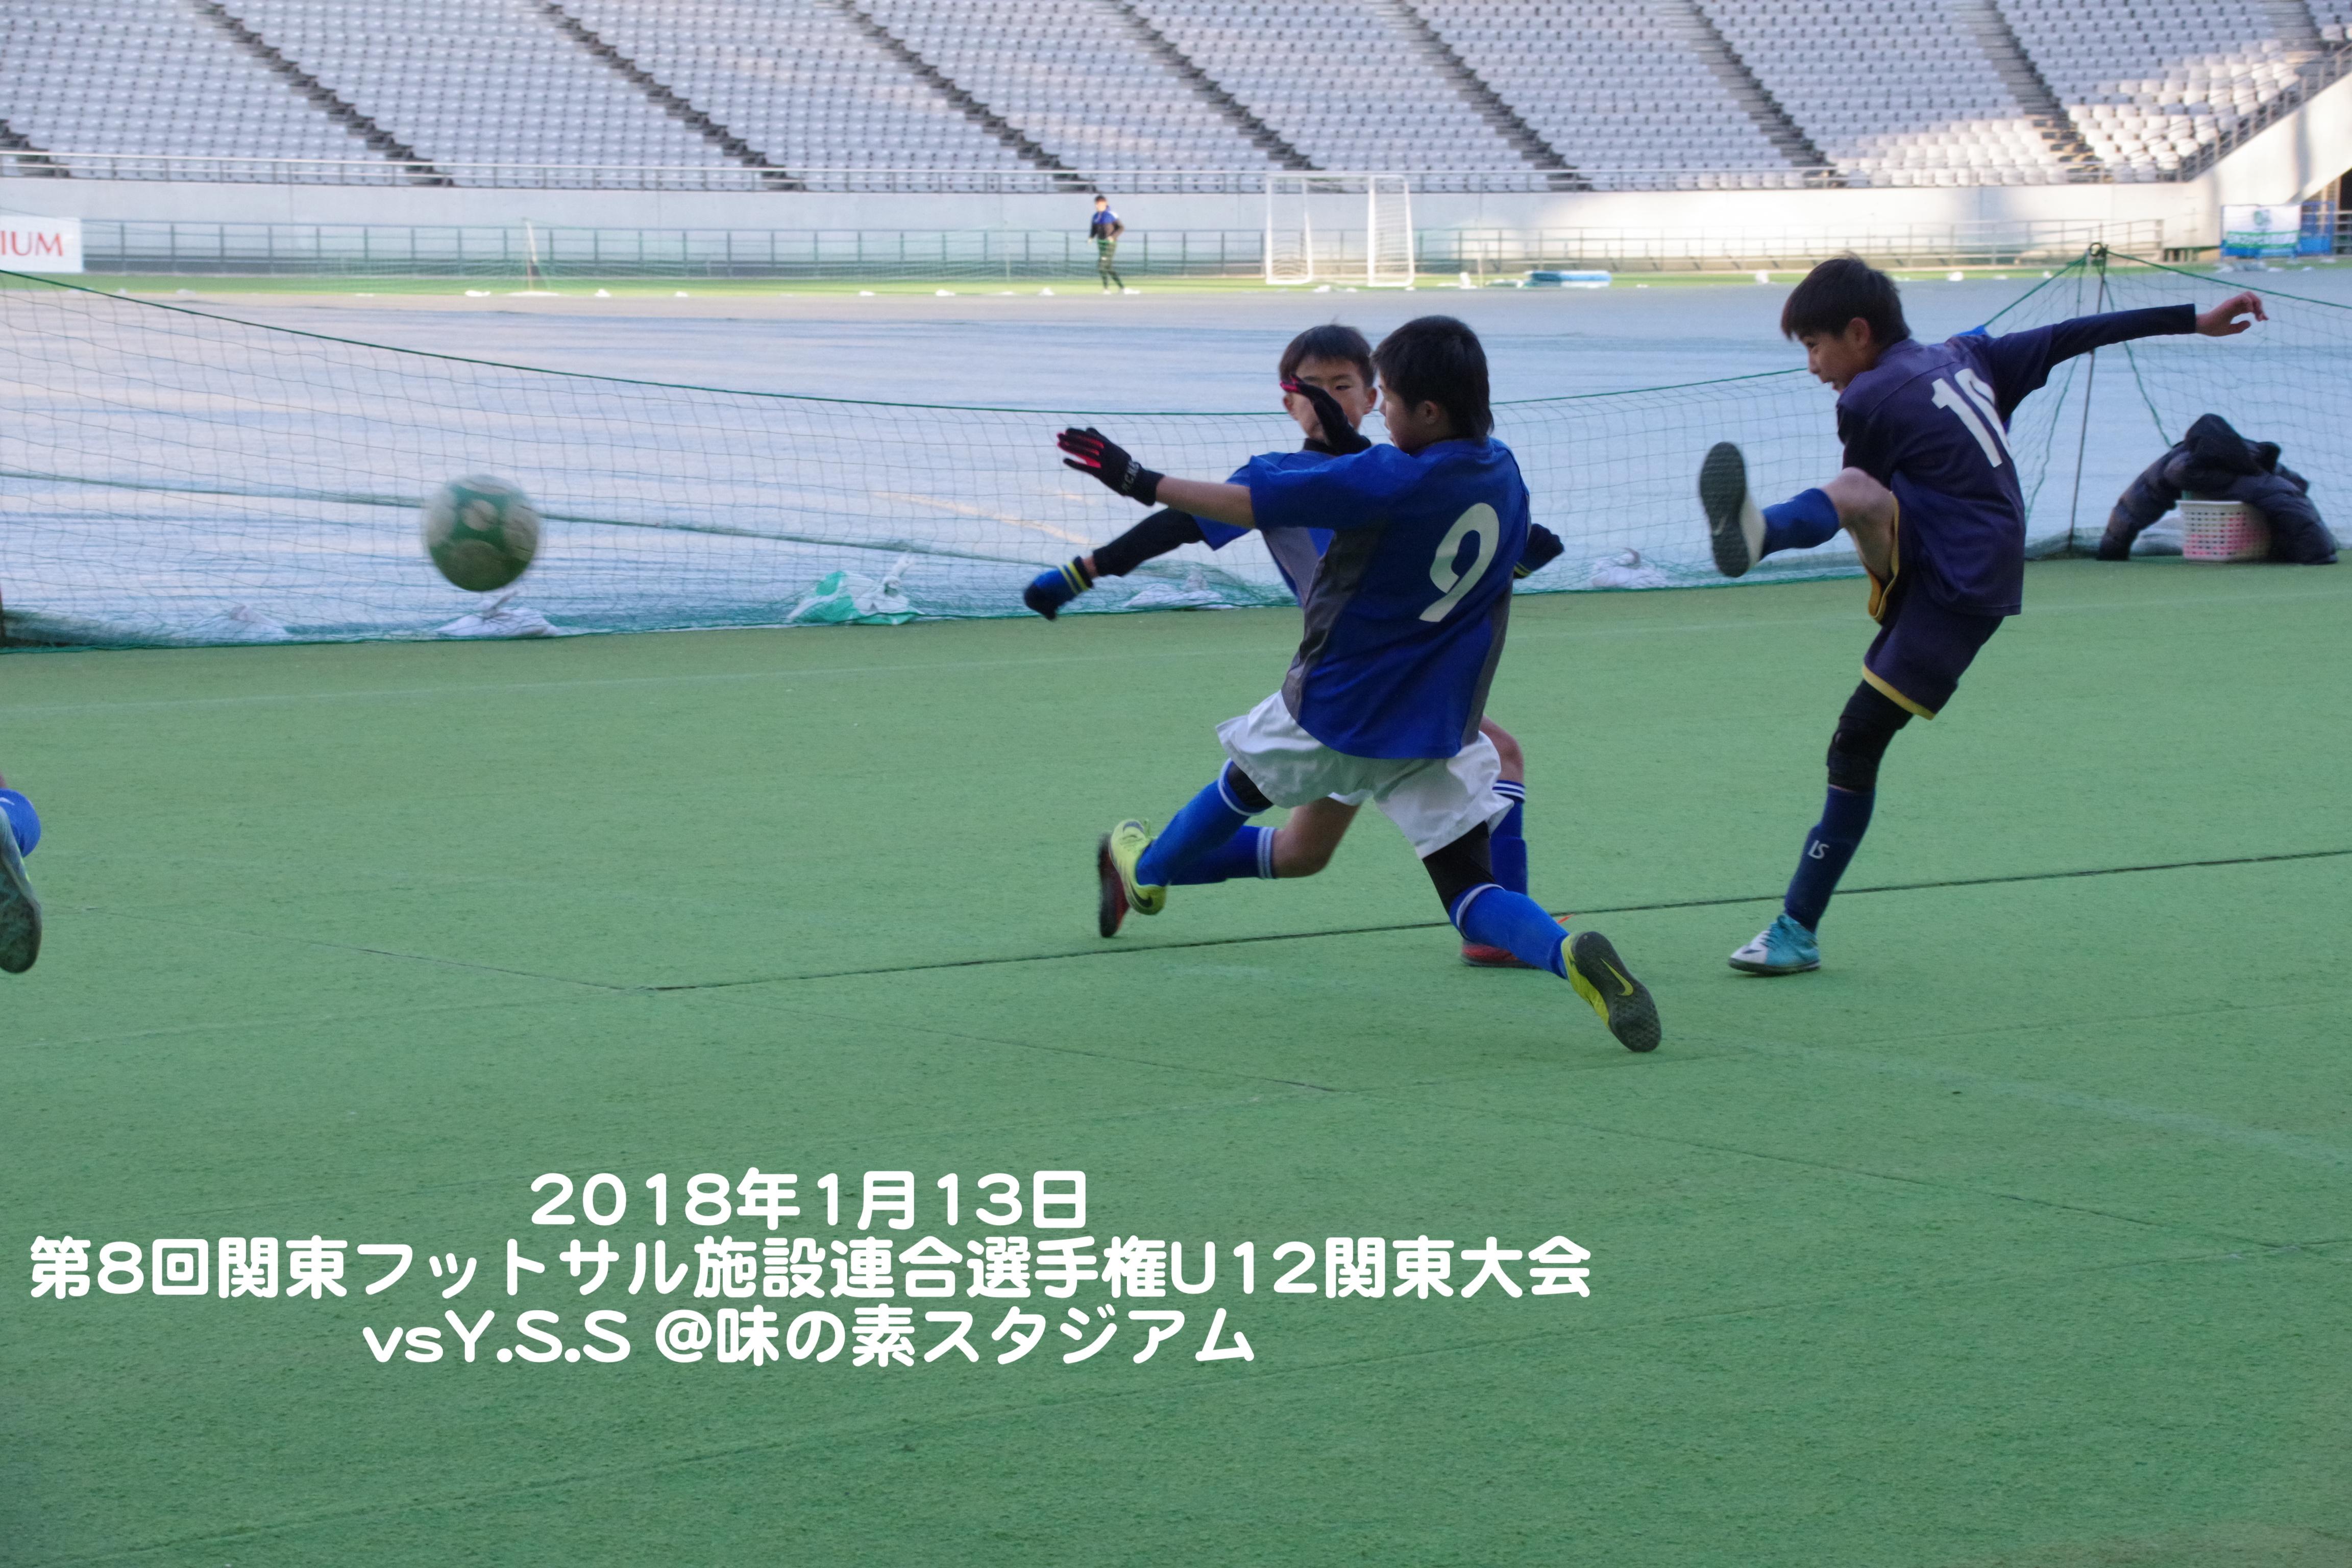 180113フットサル関東大会vsYSS